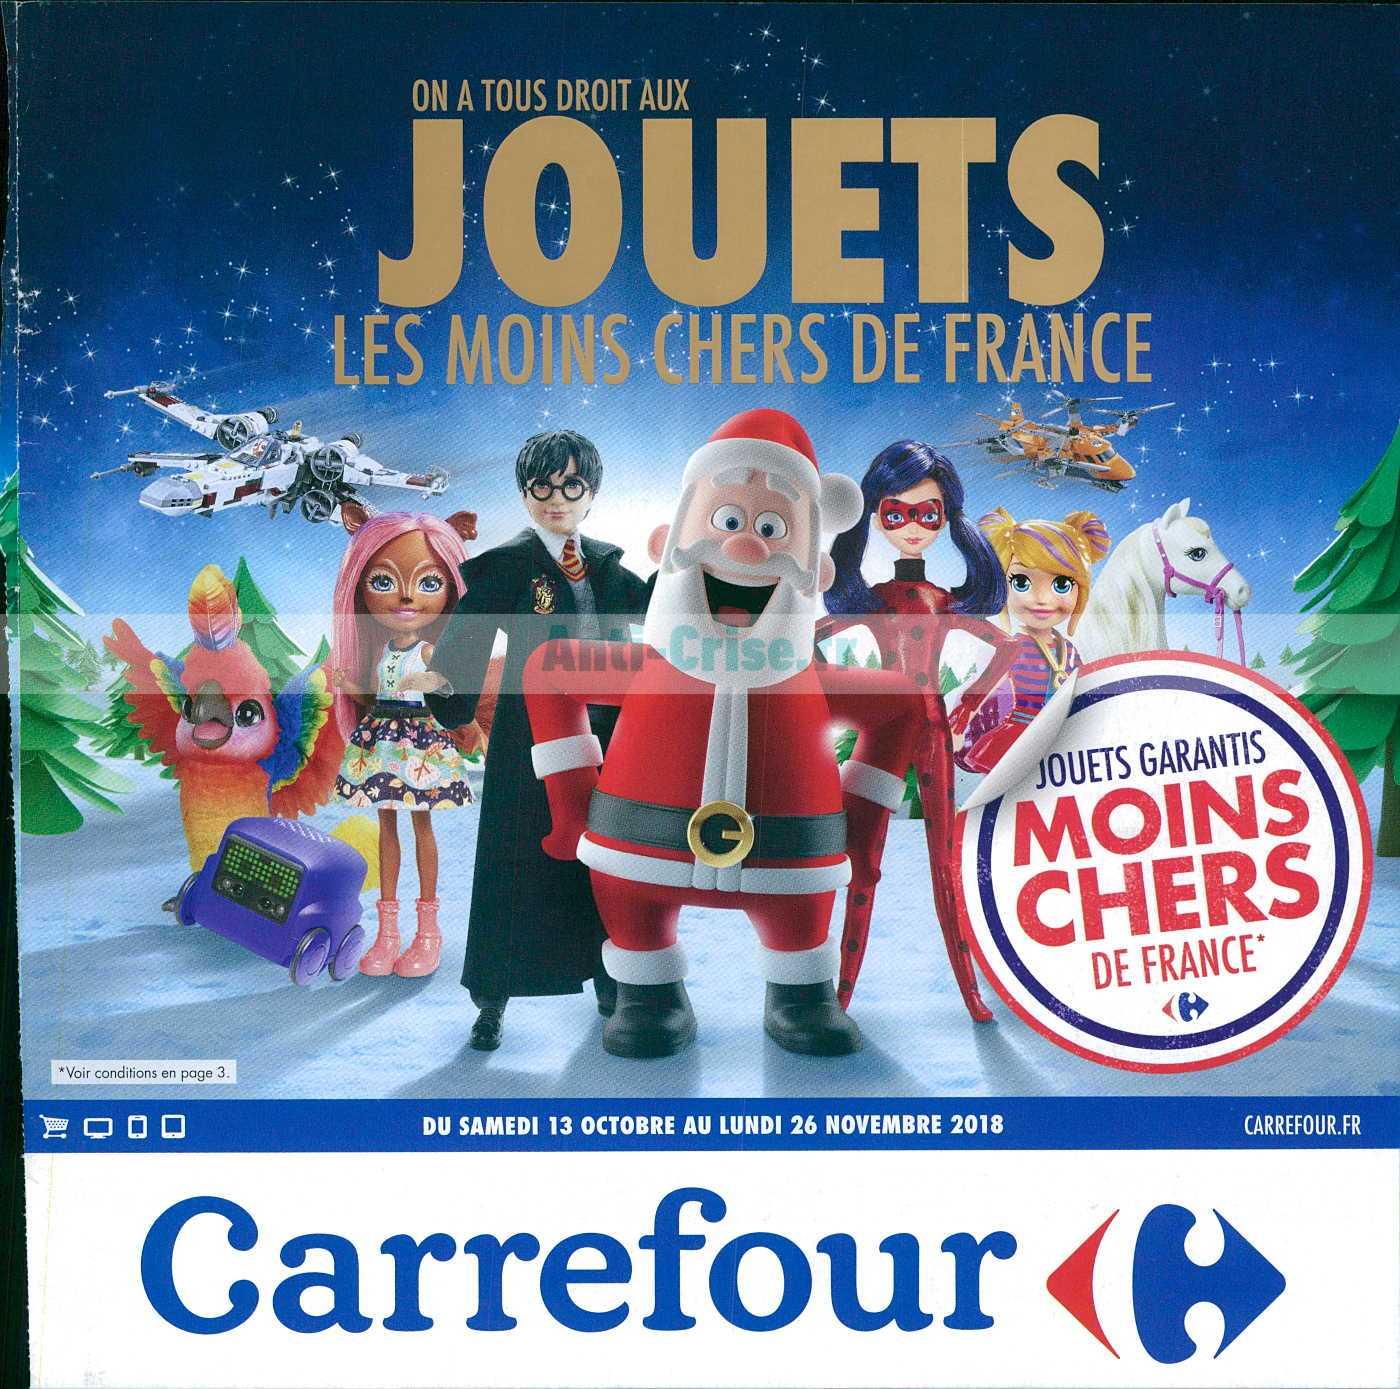 noel 2018 catalogue carrefour Catalogue Carrefour du 13 octobre au 26 novembre 2018 (Noël) noel 2018 catalogue carrefour